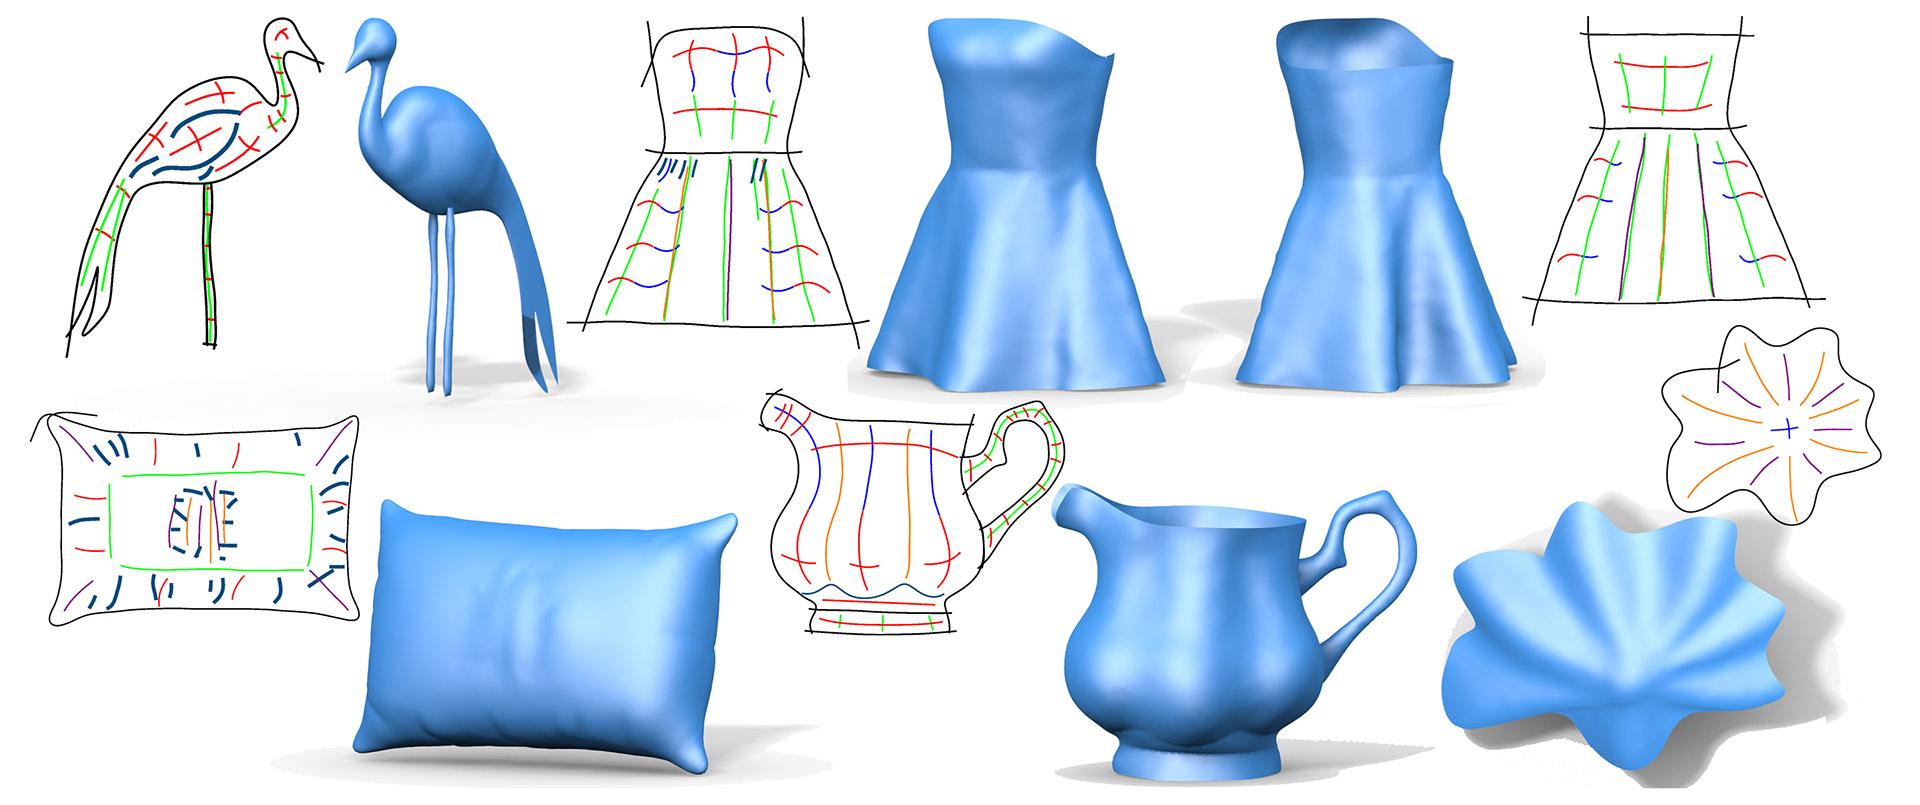 BendSketch 2D to 3D Modeling